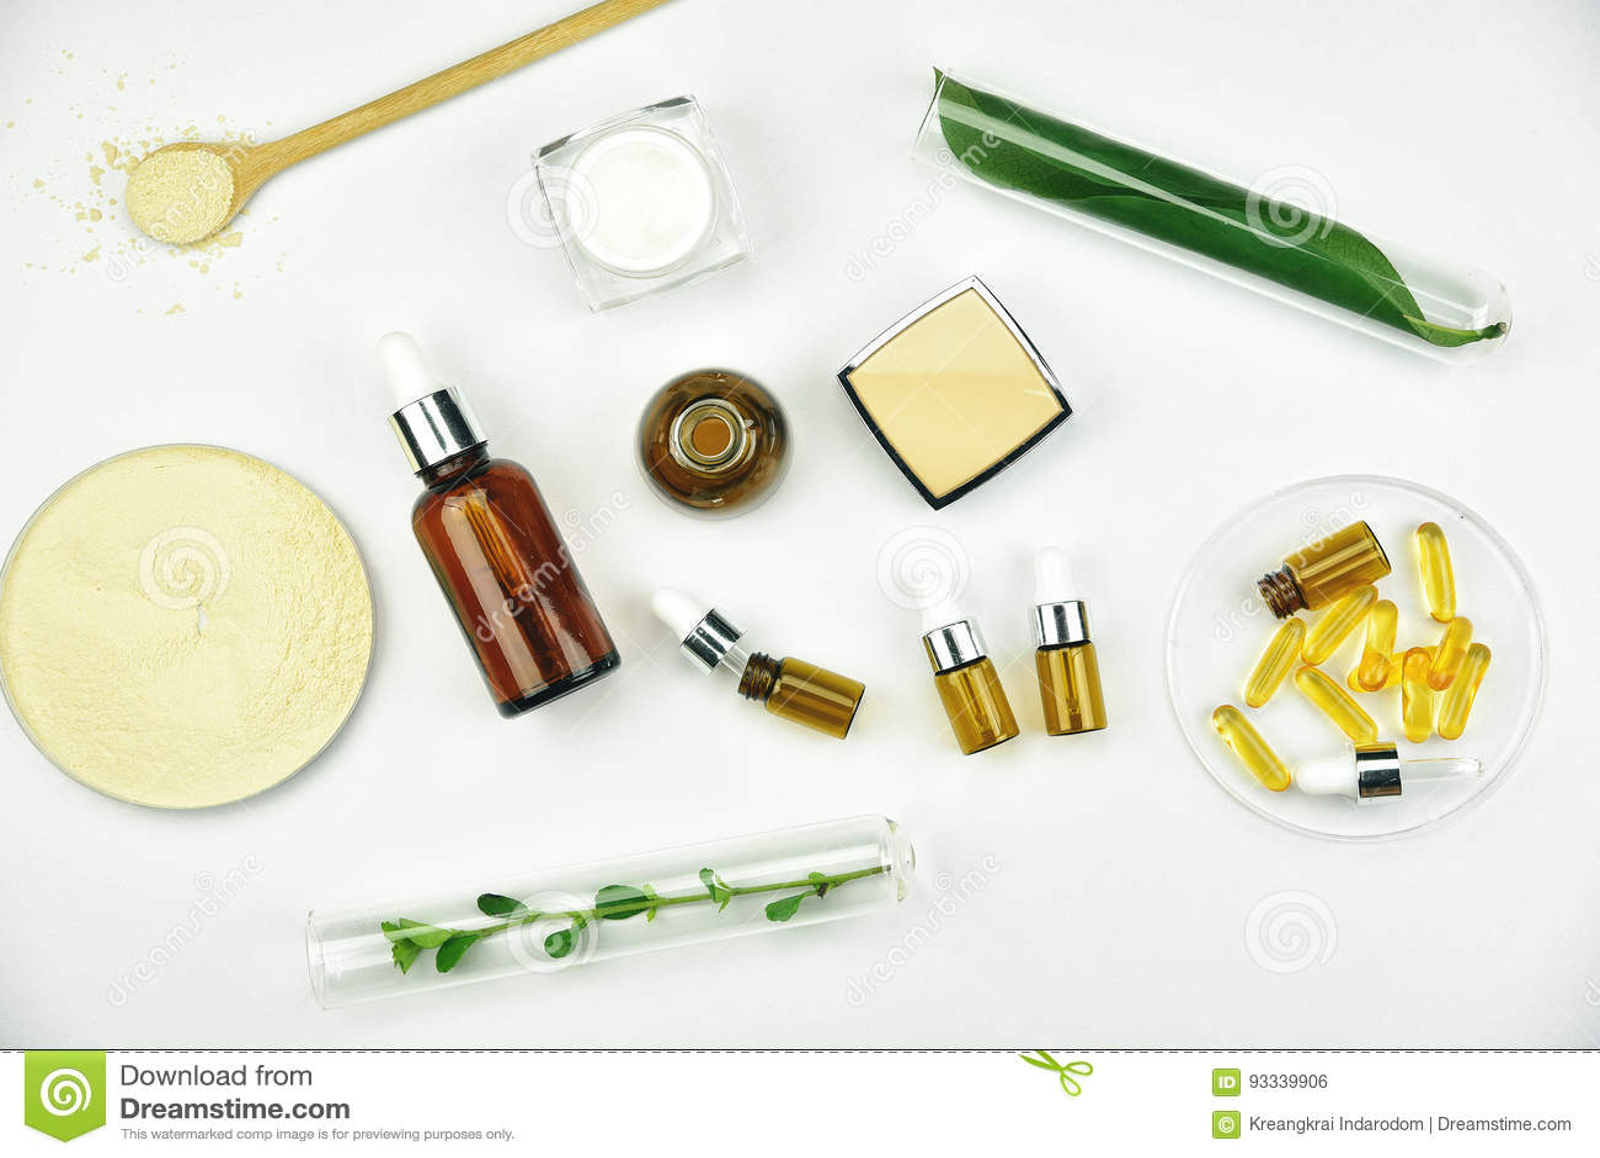 Materia prima y producto de belleza de los cosméticos que empaqueta, ingrediente orgánico natural